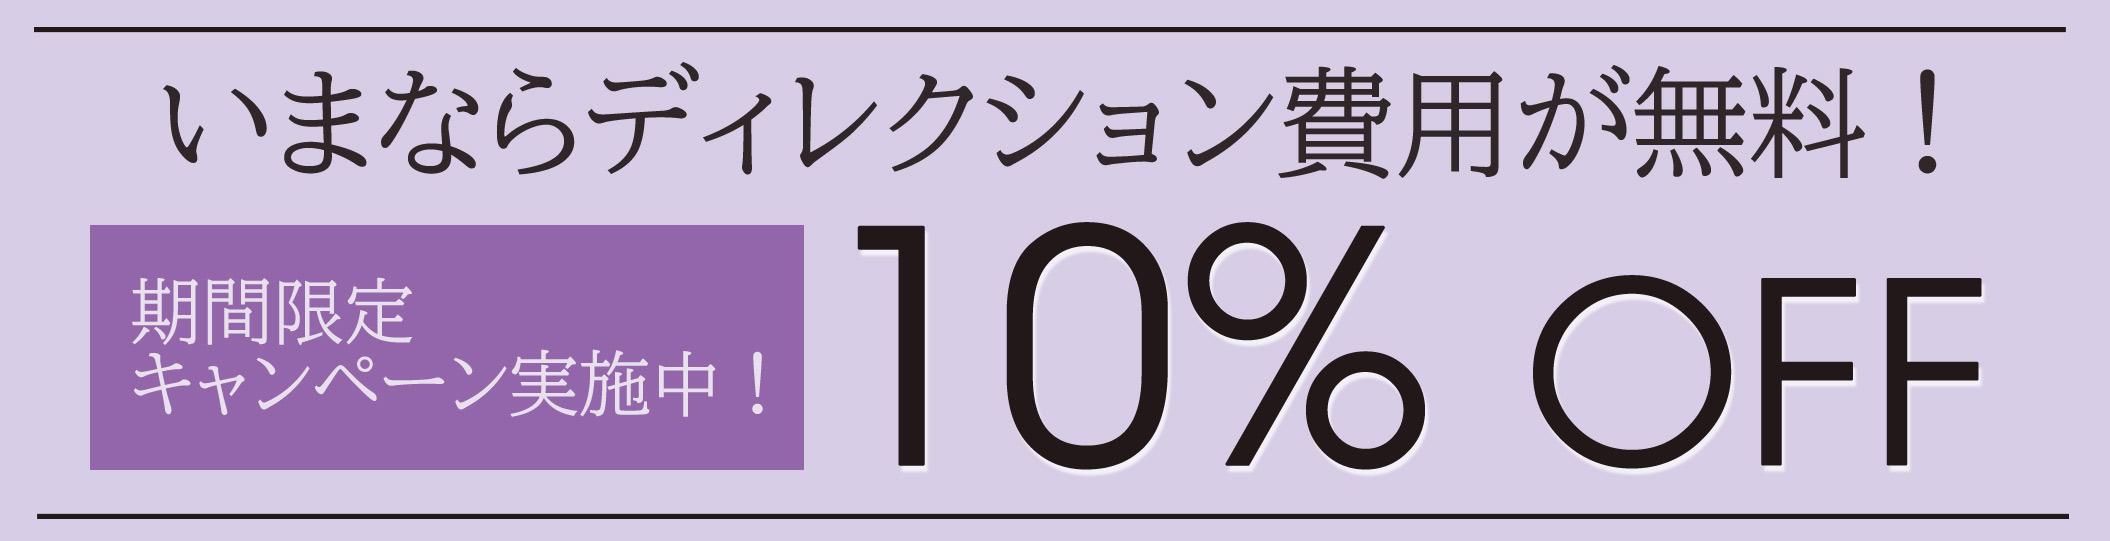 10peroff